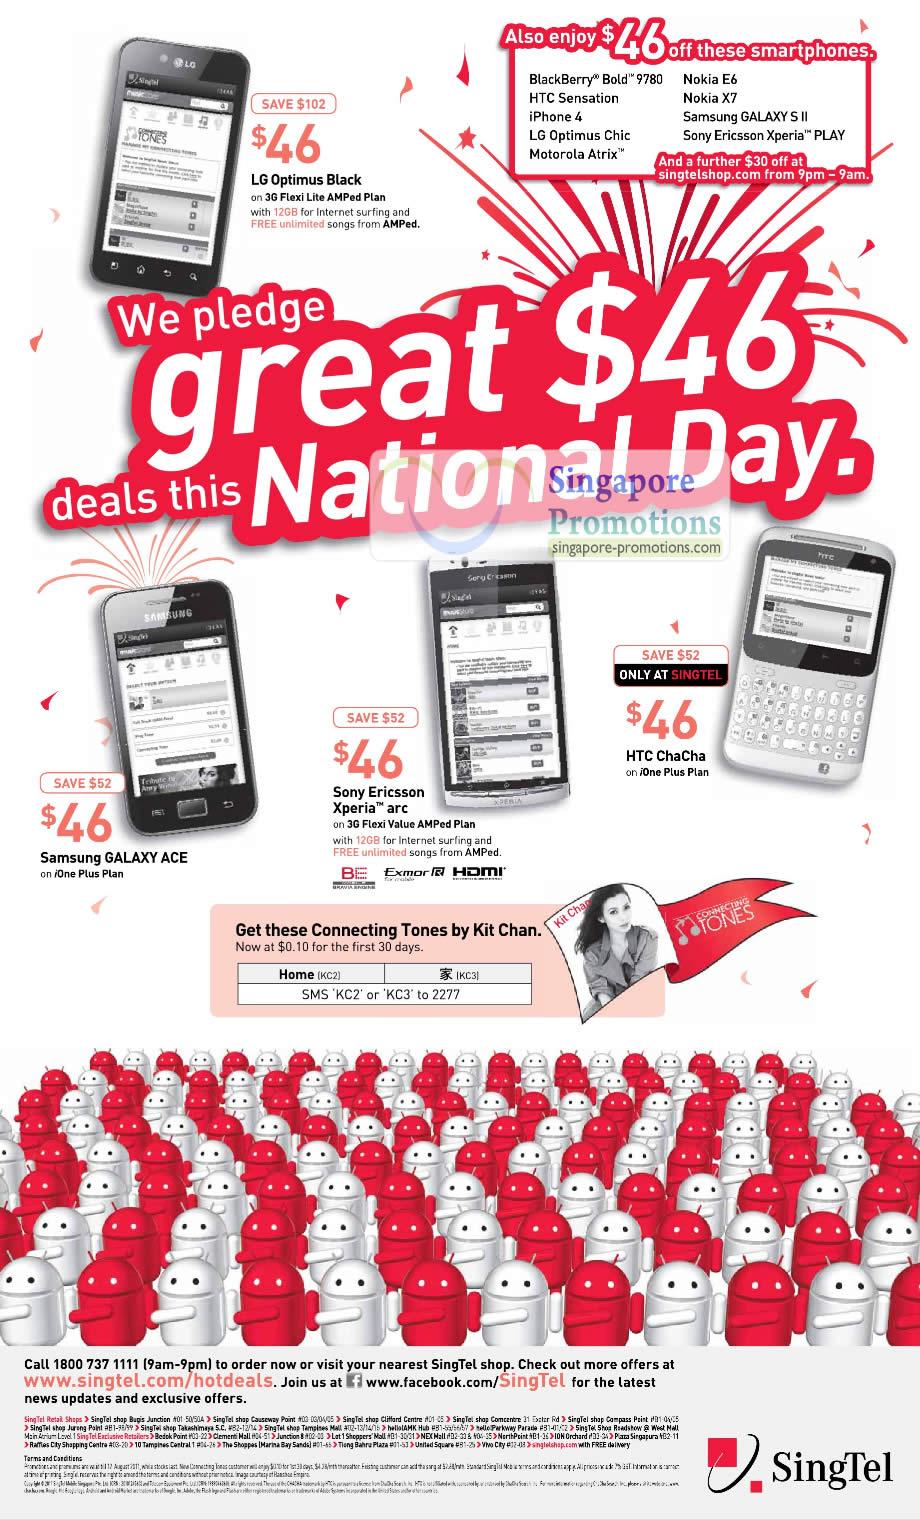 9780 deals